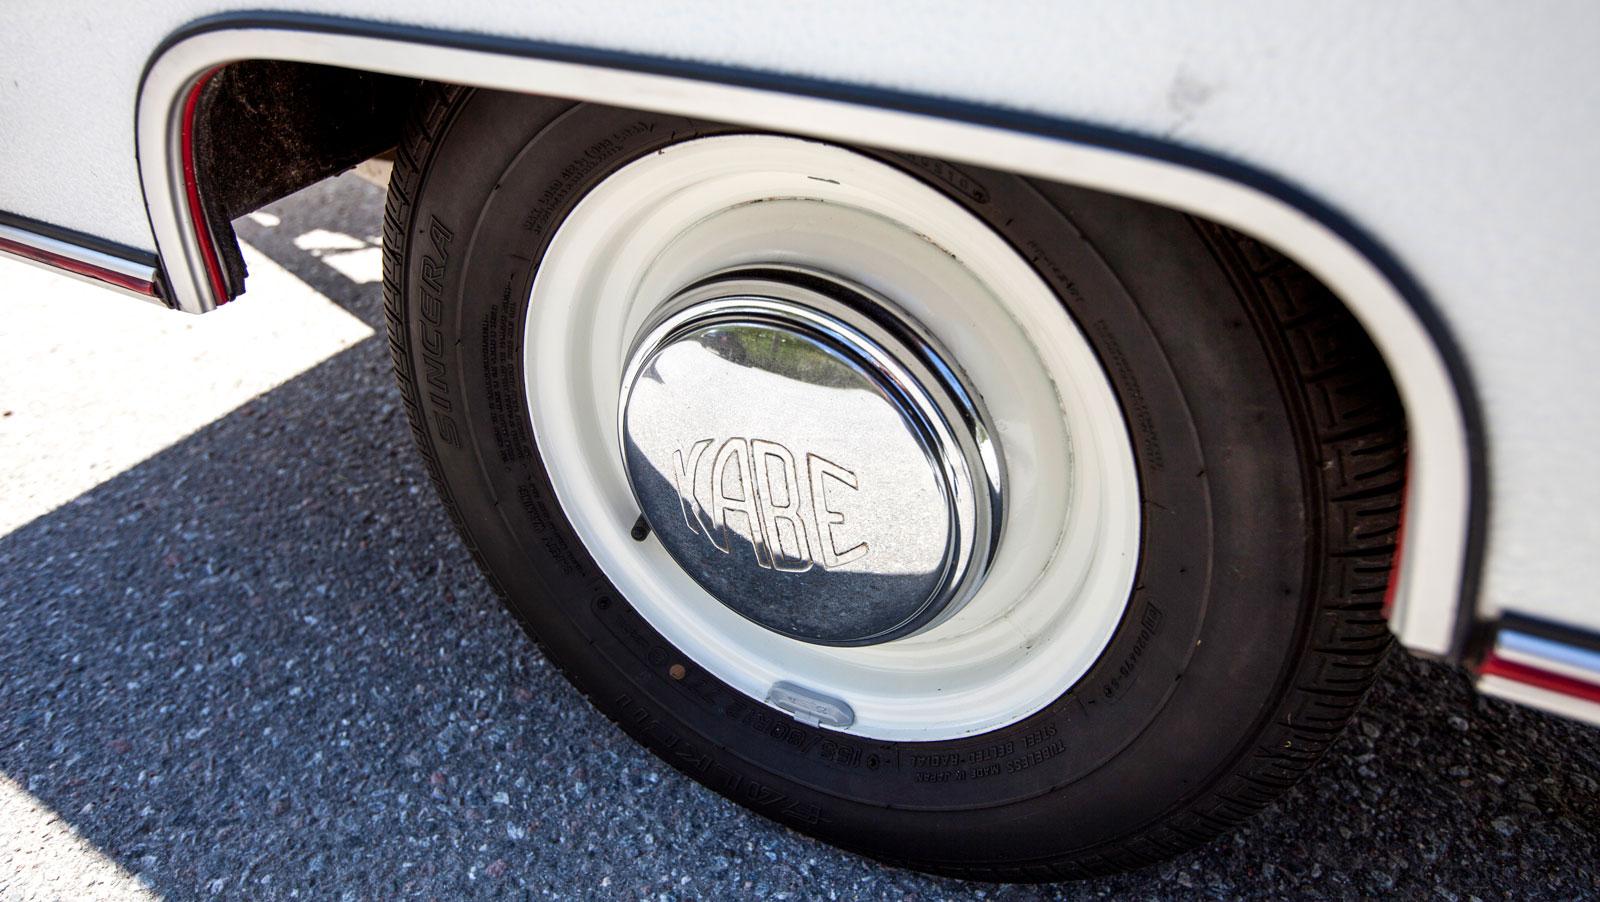 Supersnygga kromade hjulsidor av äkta plåt.